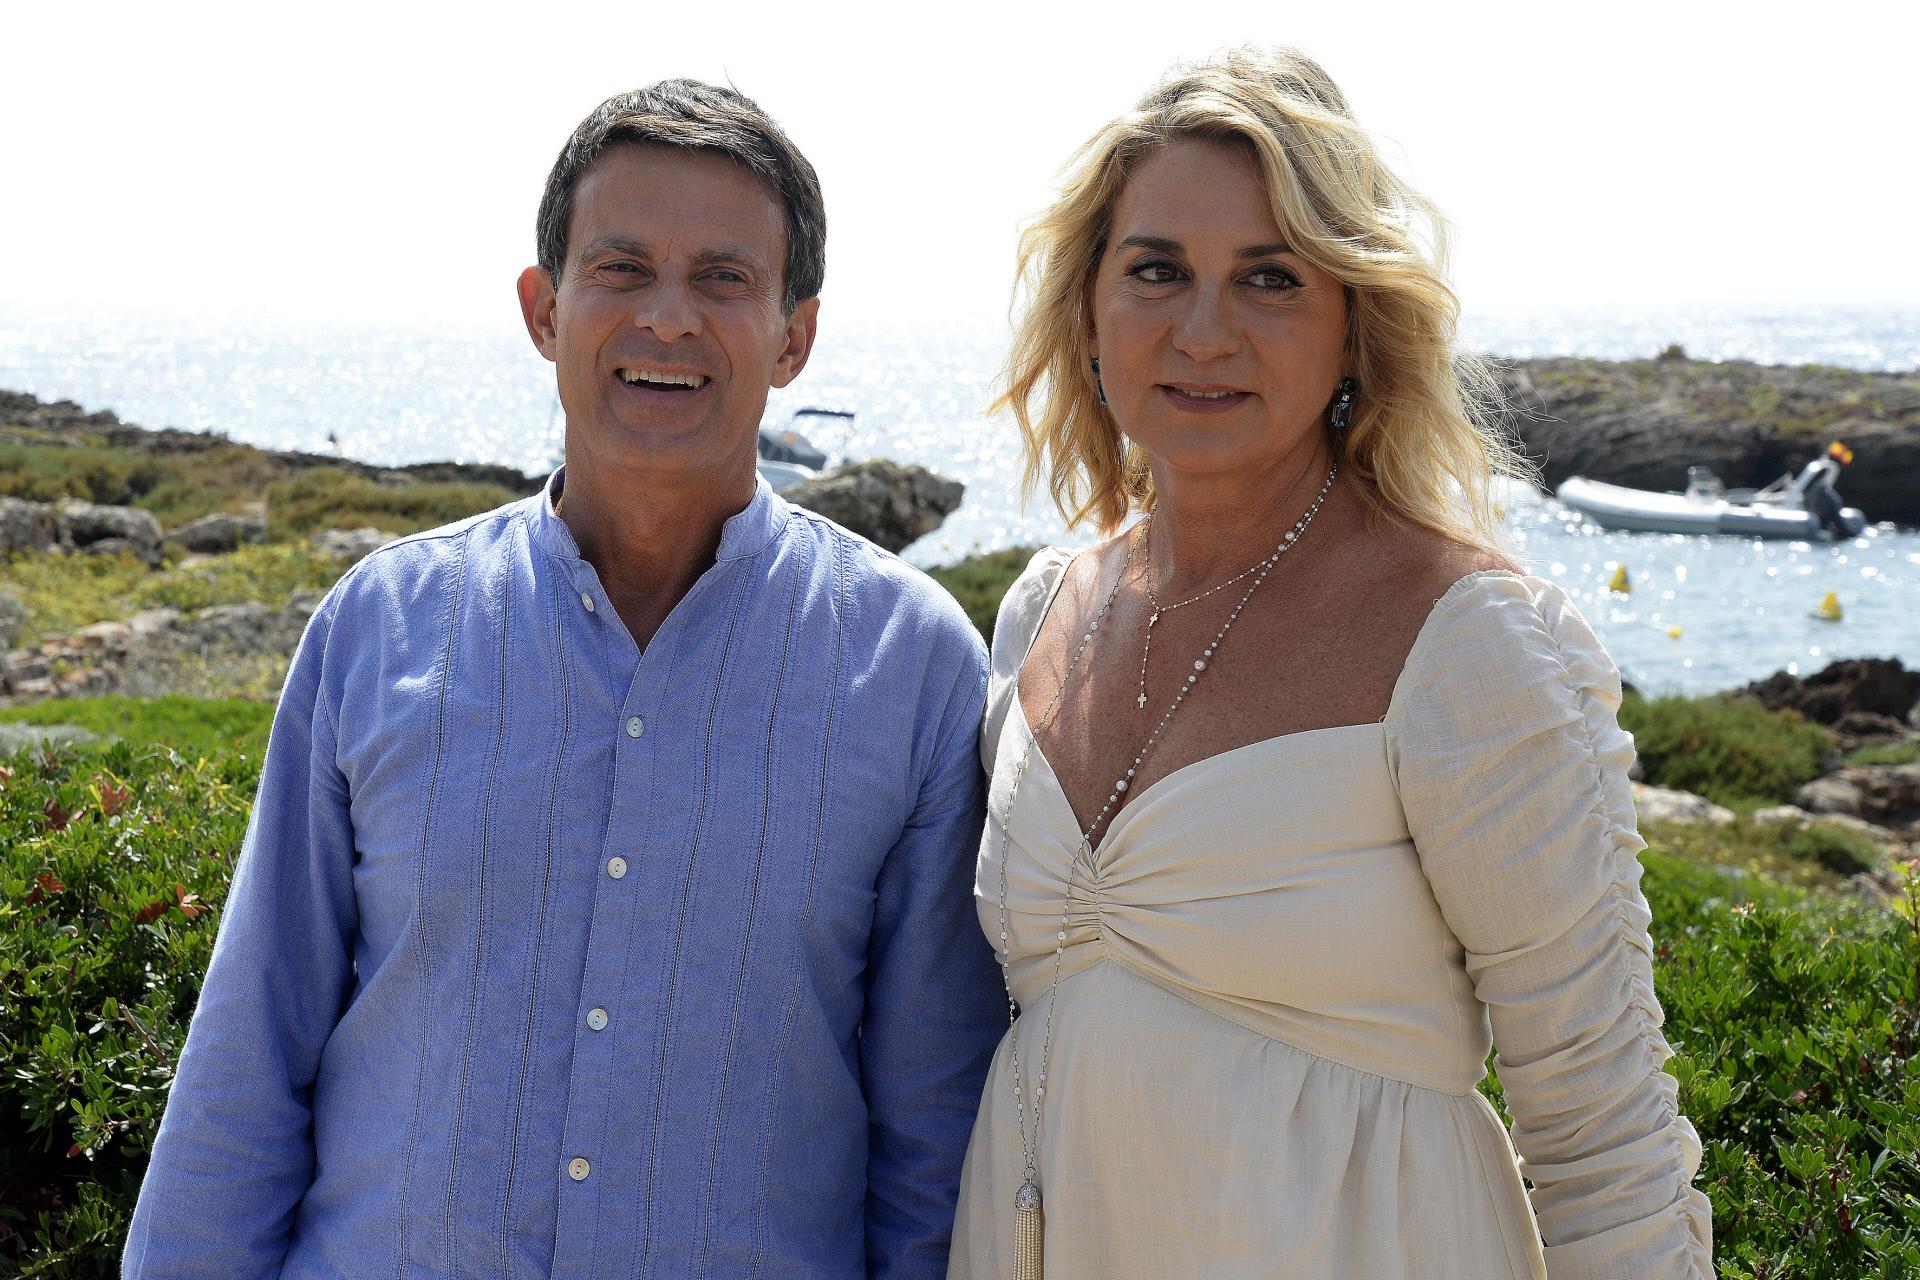 Manuel Valls y Susana Gallardo en 2019 en Menorca.